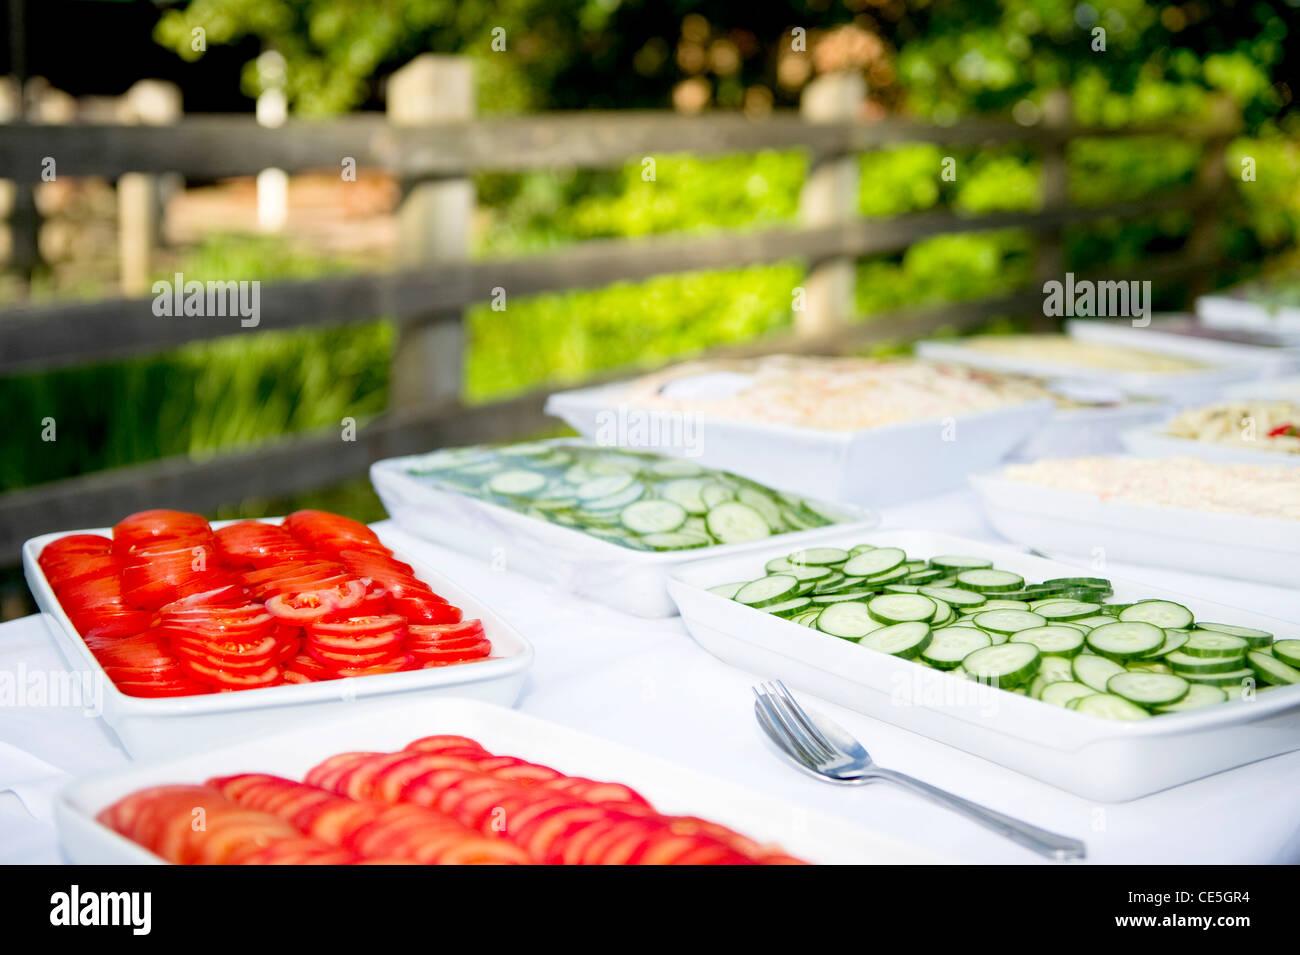 un buffet froid à l'extérieur banque d'images, photo stock: 43148872